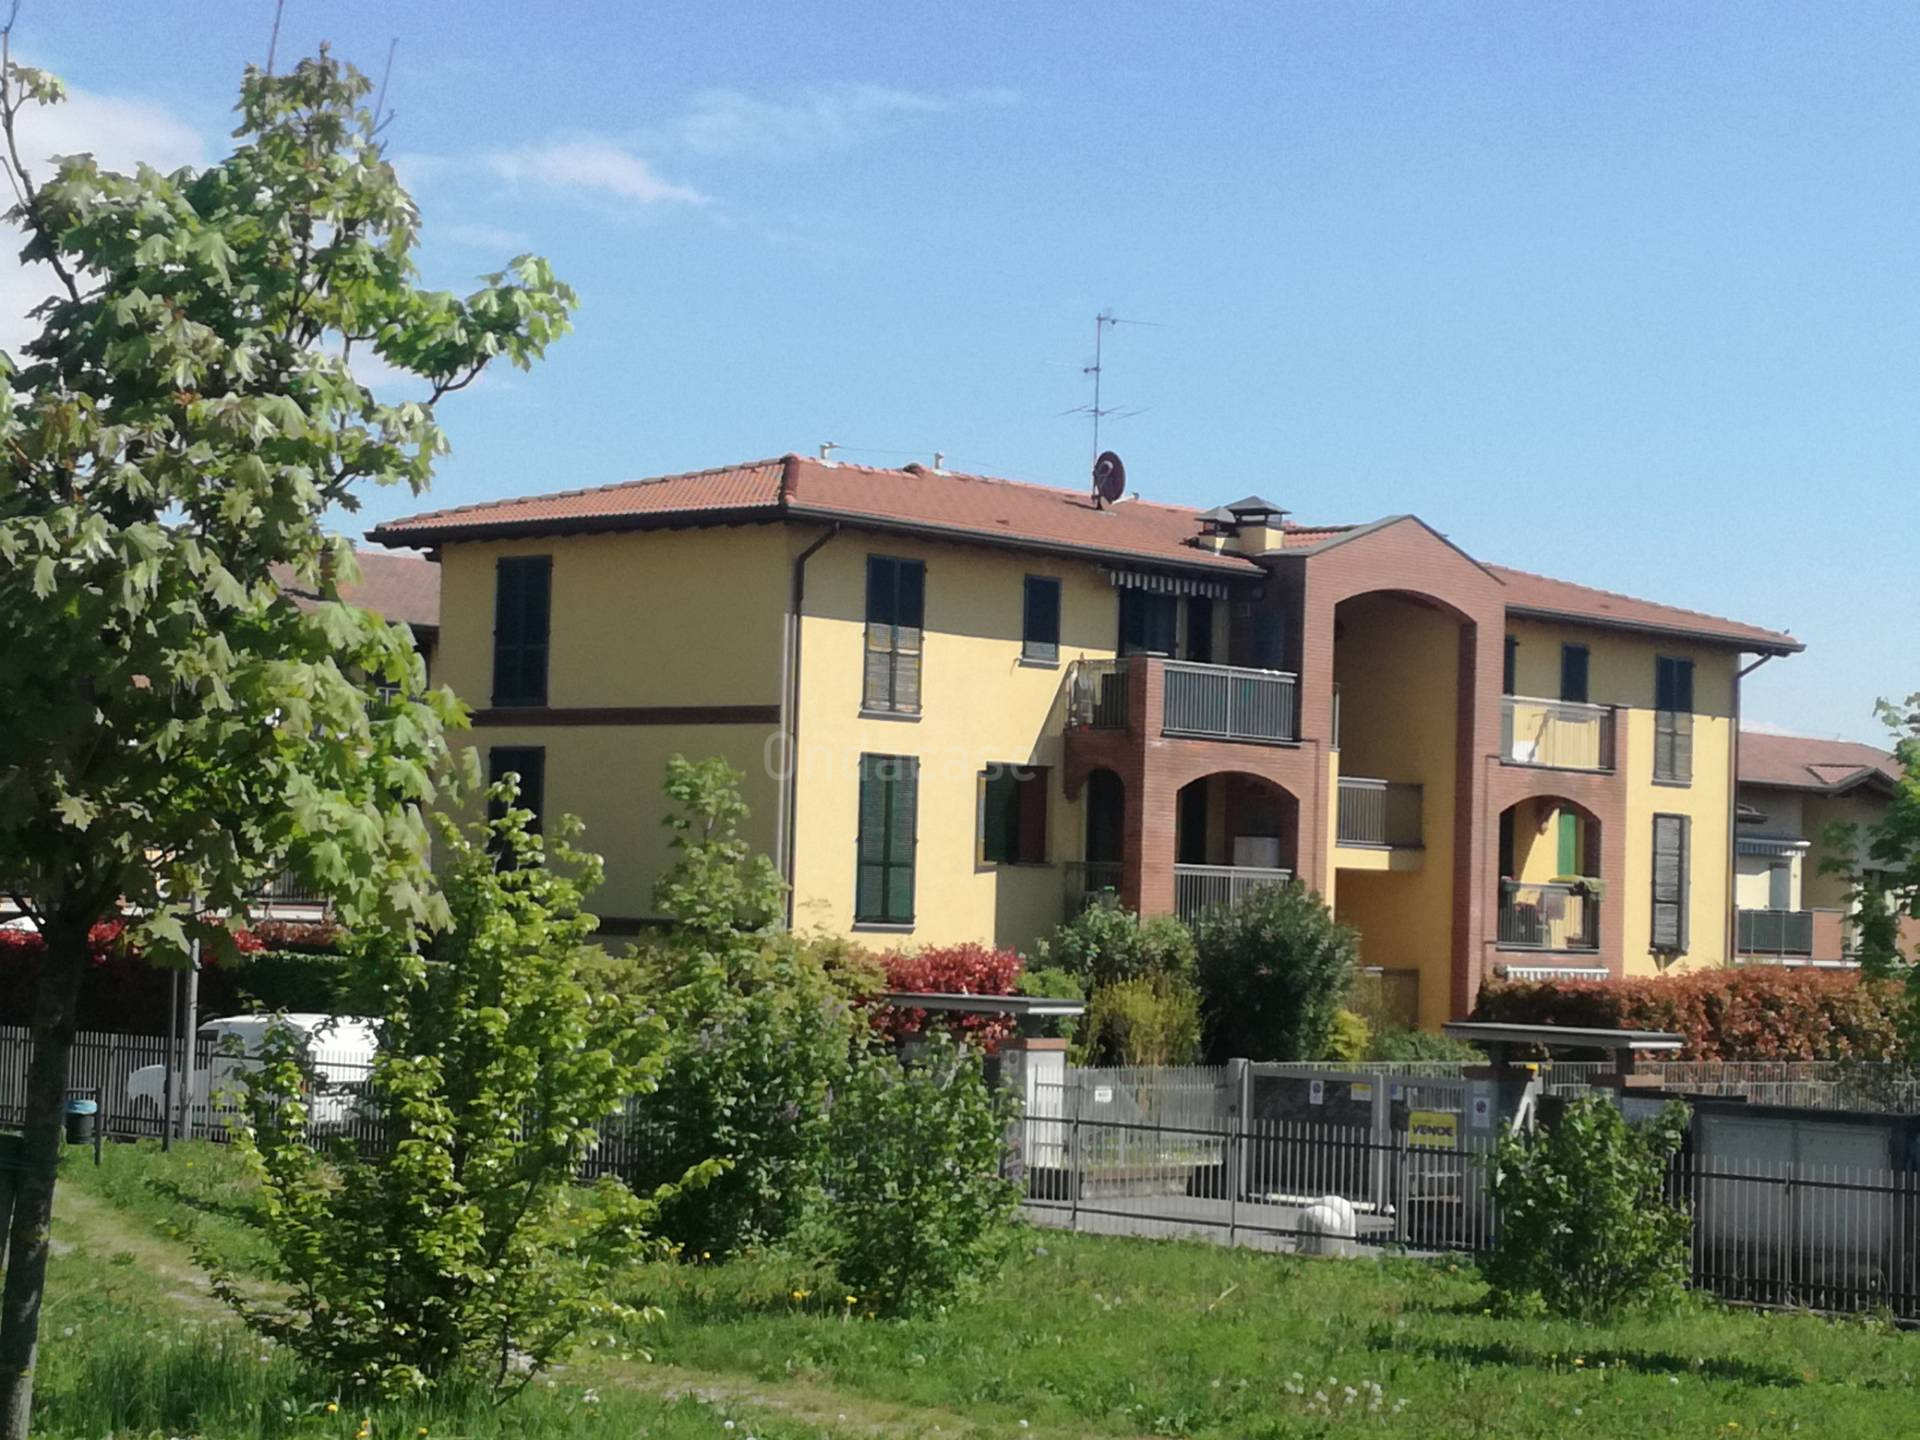 Appartamento in vendita a Capriate San Gervasio, 3 locali, zona Località: SanGervasio, prezzo € 99.000 | PortaleAgenzieImmobiliari.it